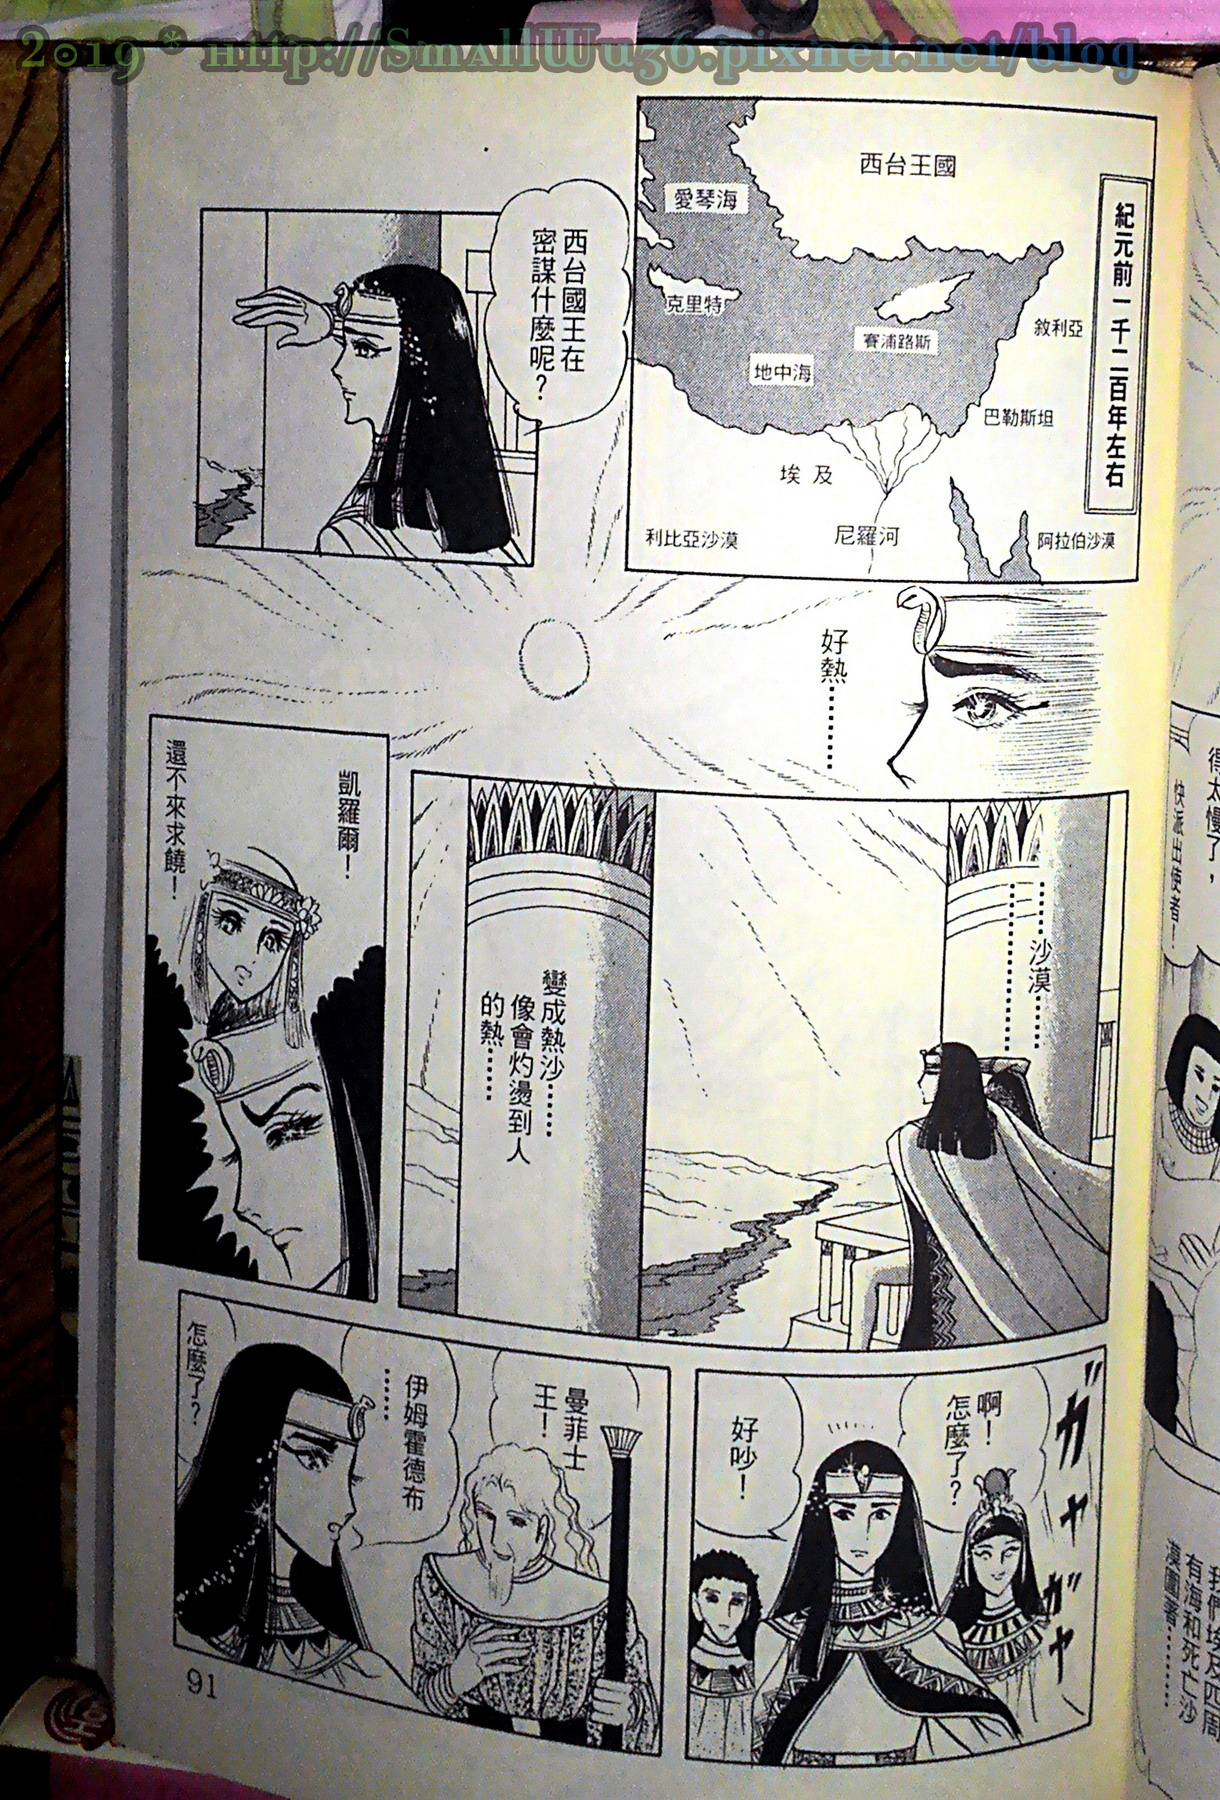 細川智榮子-王家的紋章(尼羅河女兒) 01-48 (長鴻)  vol_03 西元前1200地圖.jpg